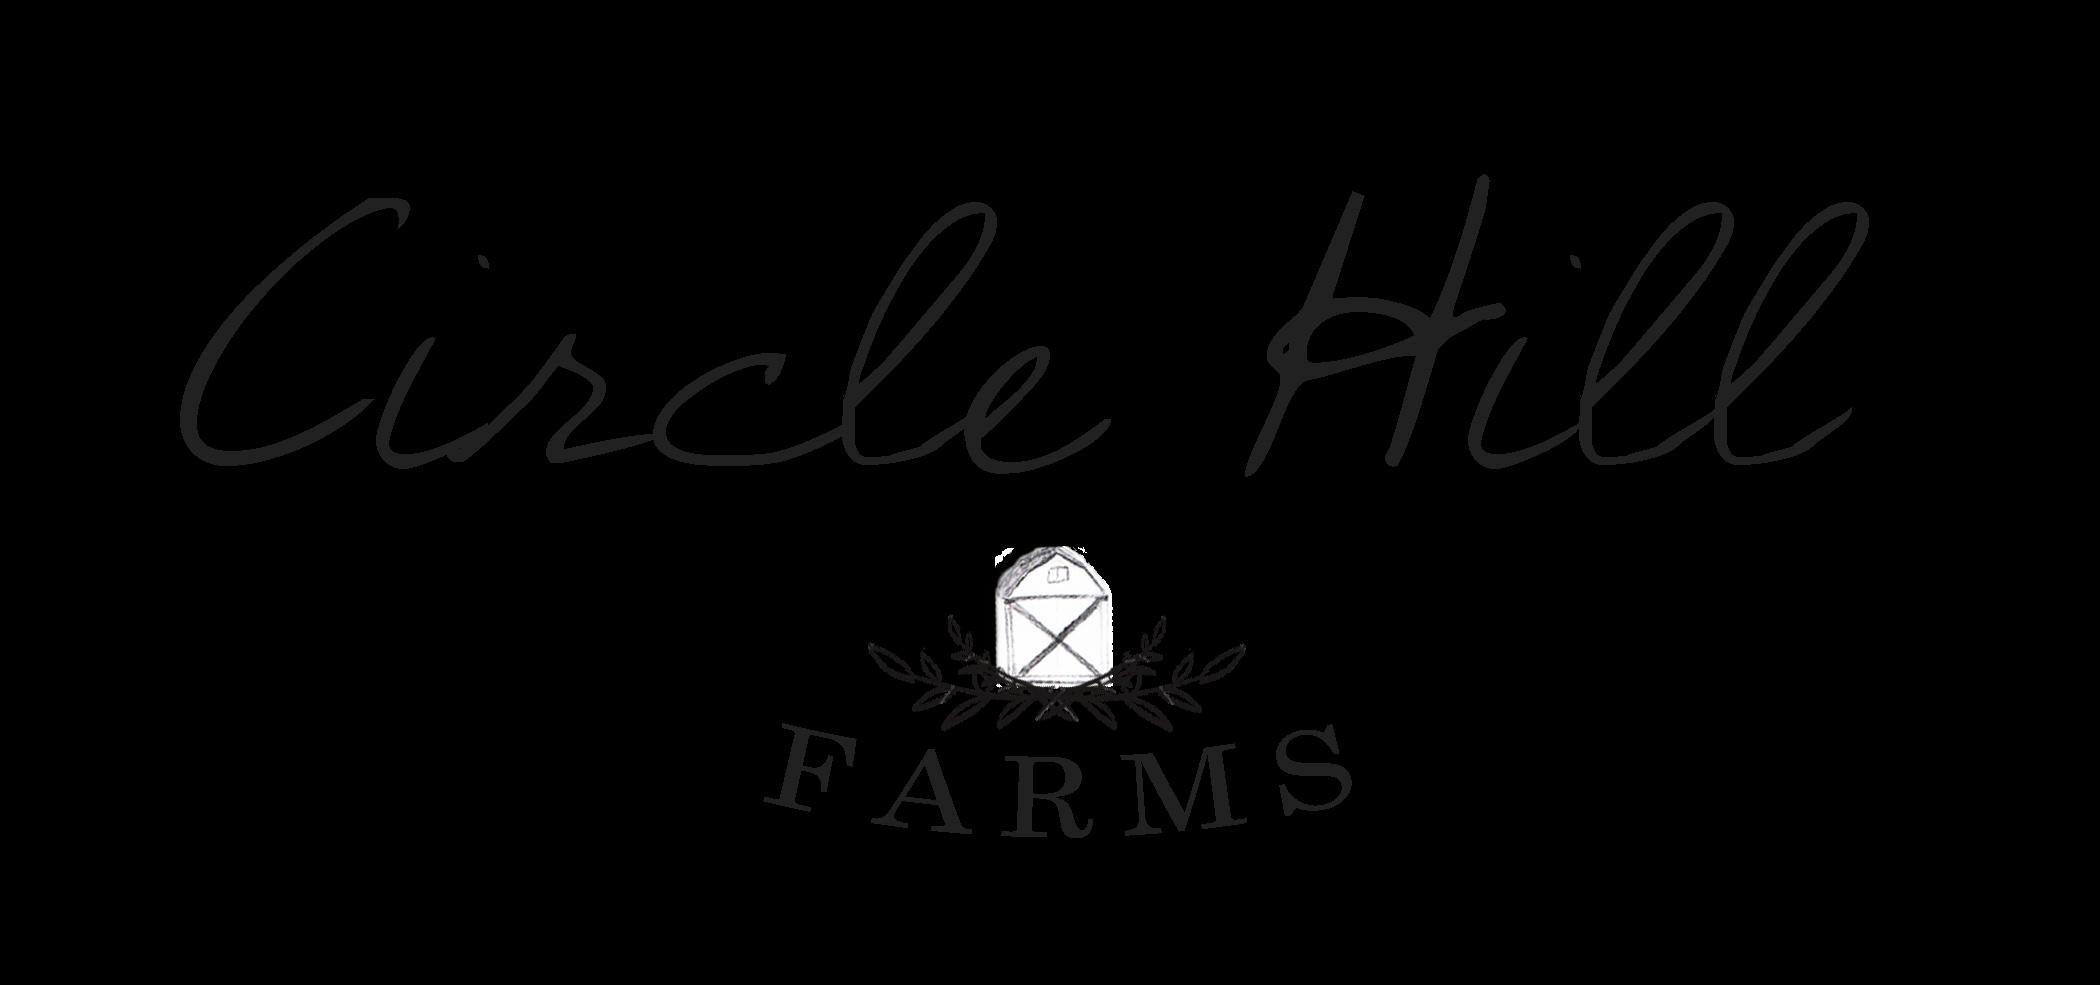 Circle Hill Farms